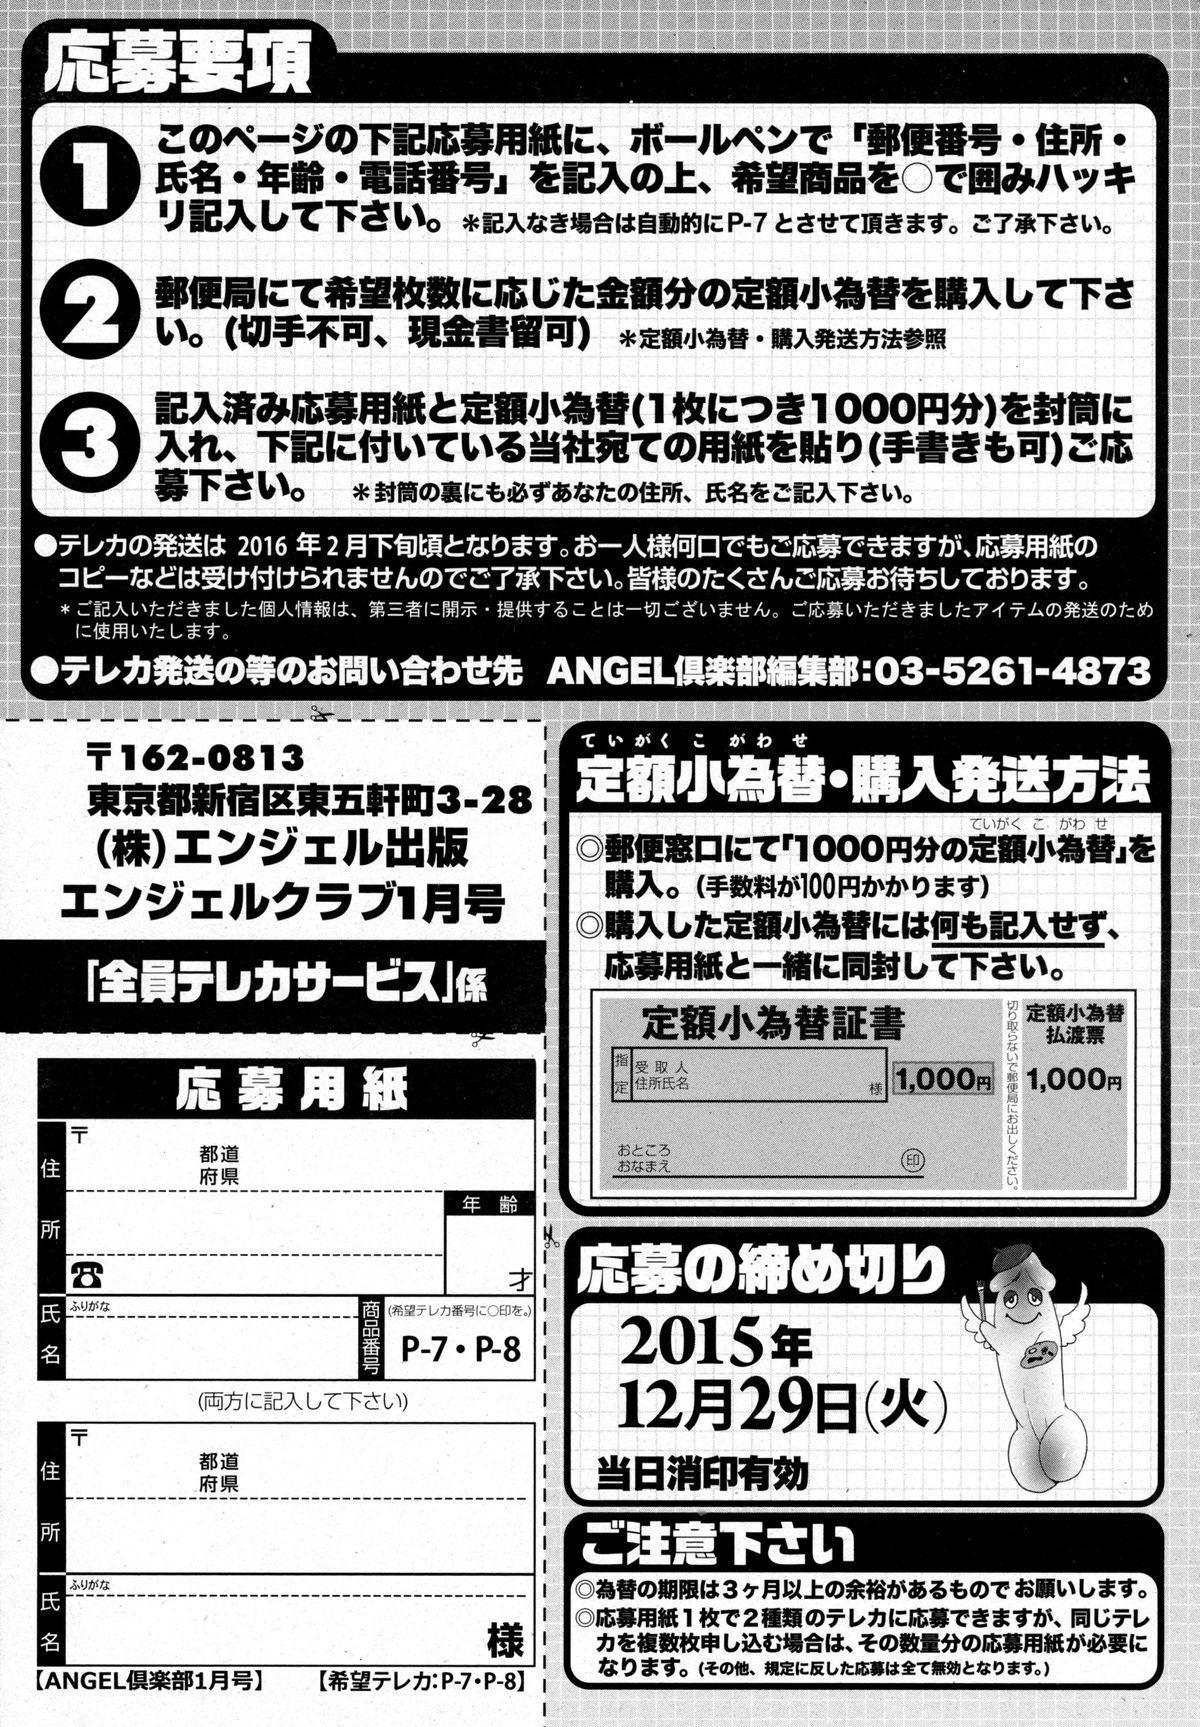 ANGEL Club 2016-01 206